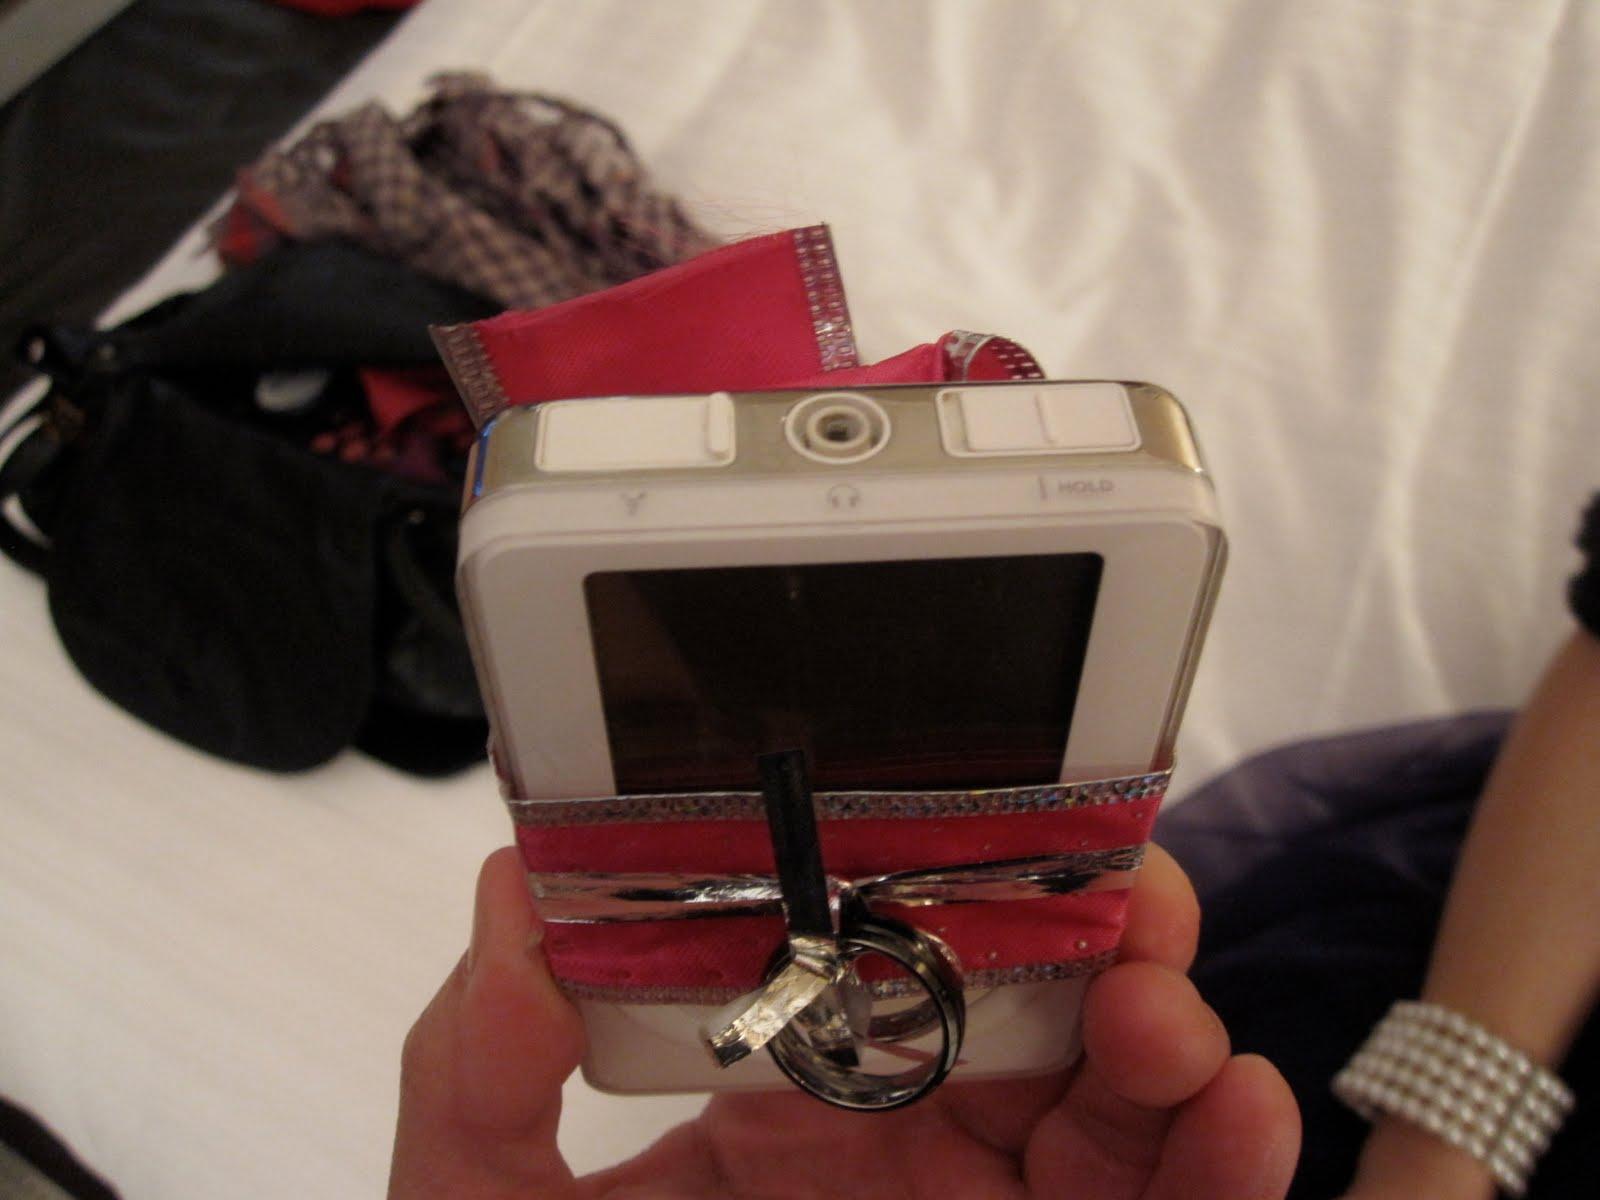 Anéis de casamento enrolados em iPod de primeira geração